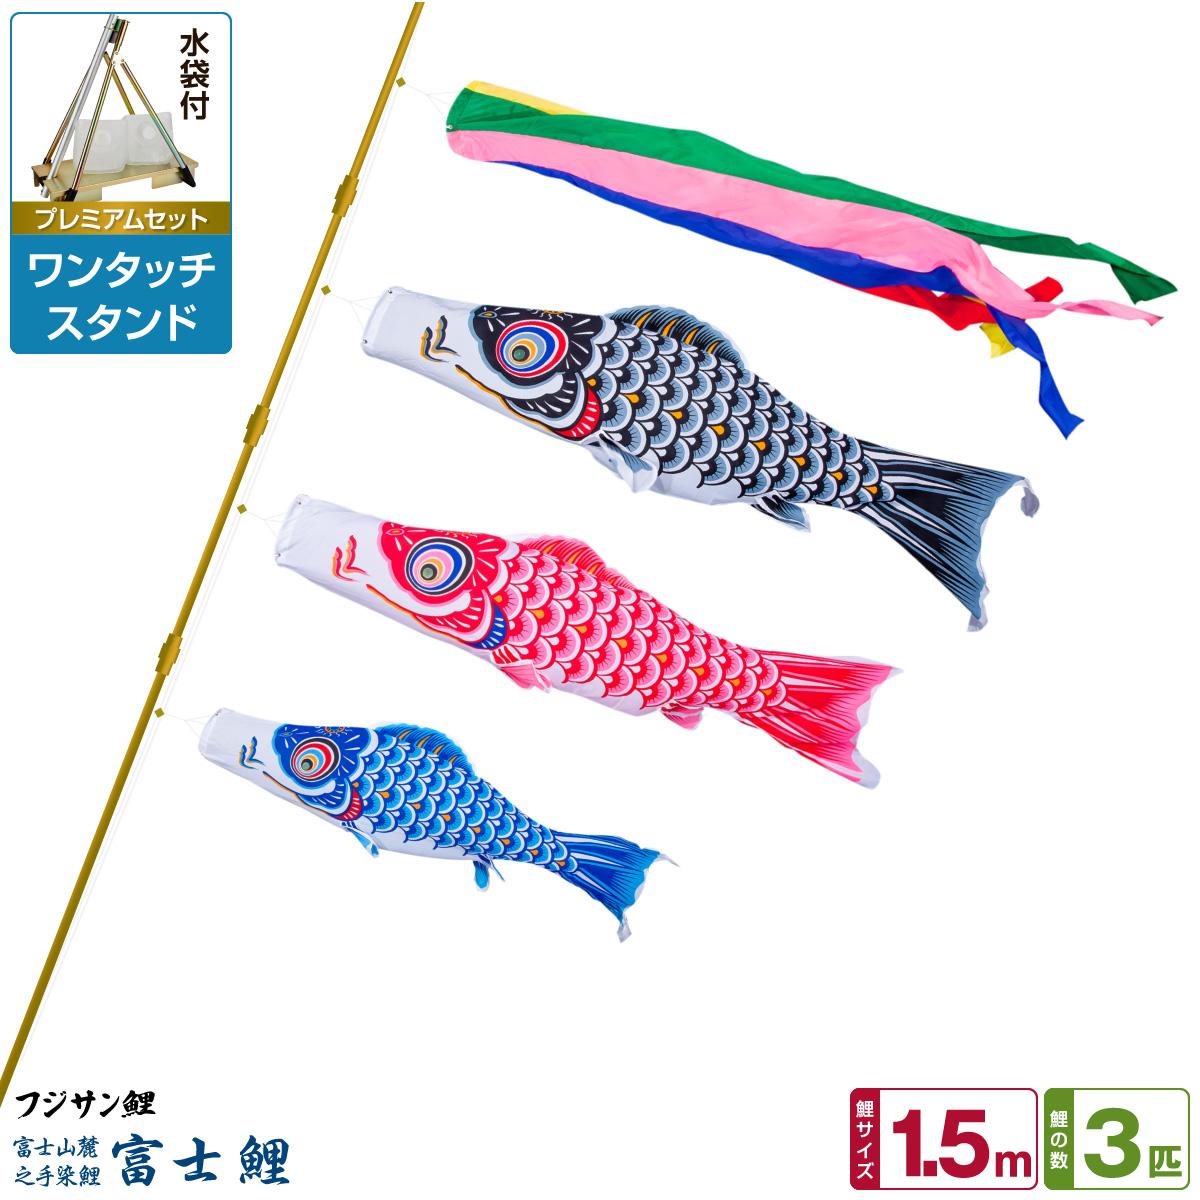 ベランダ用 こいのぼり 鯉のぼり フジサン鯉 富士鯉 1.5m 6点(吹流し+鯉3匹+矢車+ロープ)/プレミアムセット(ワンタッチスタンド)